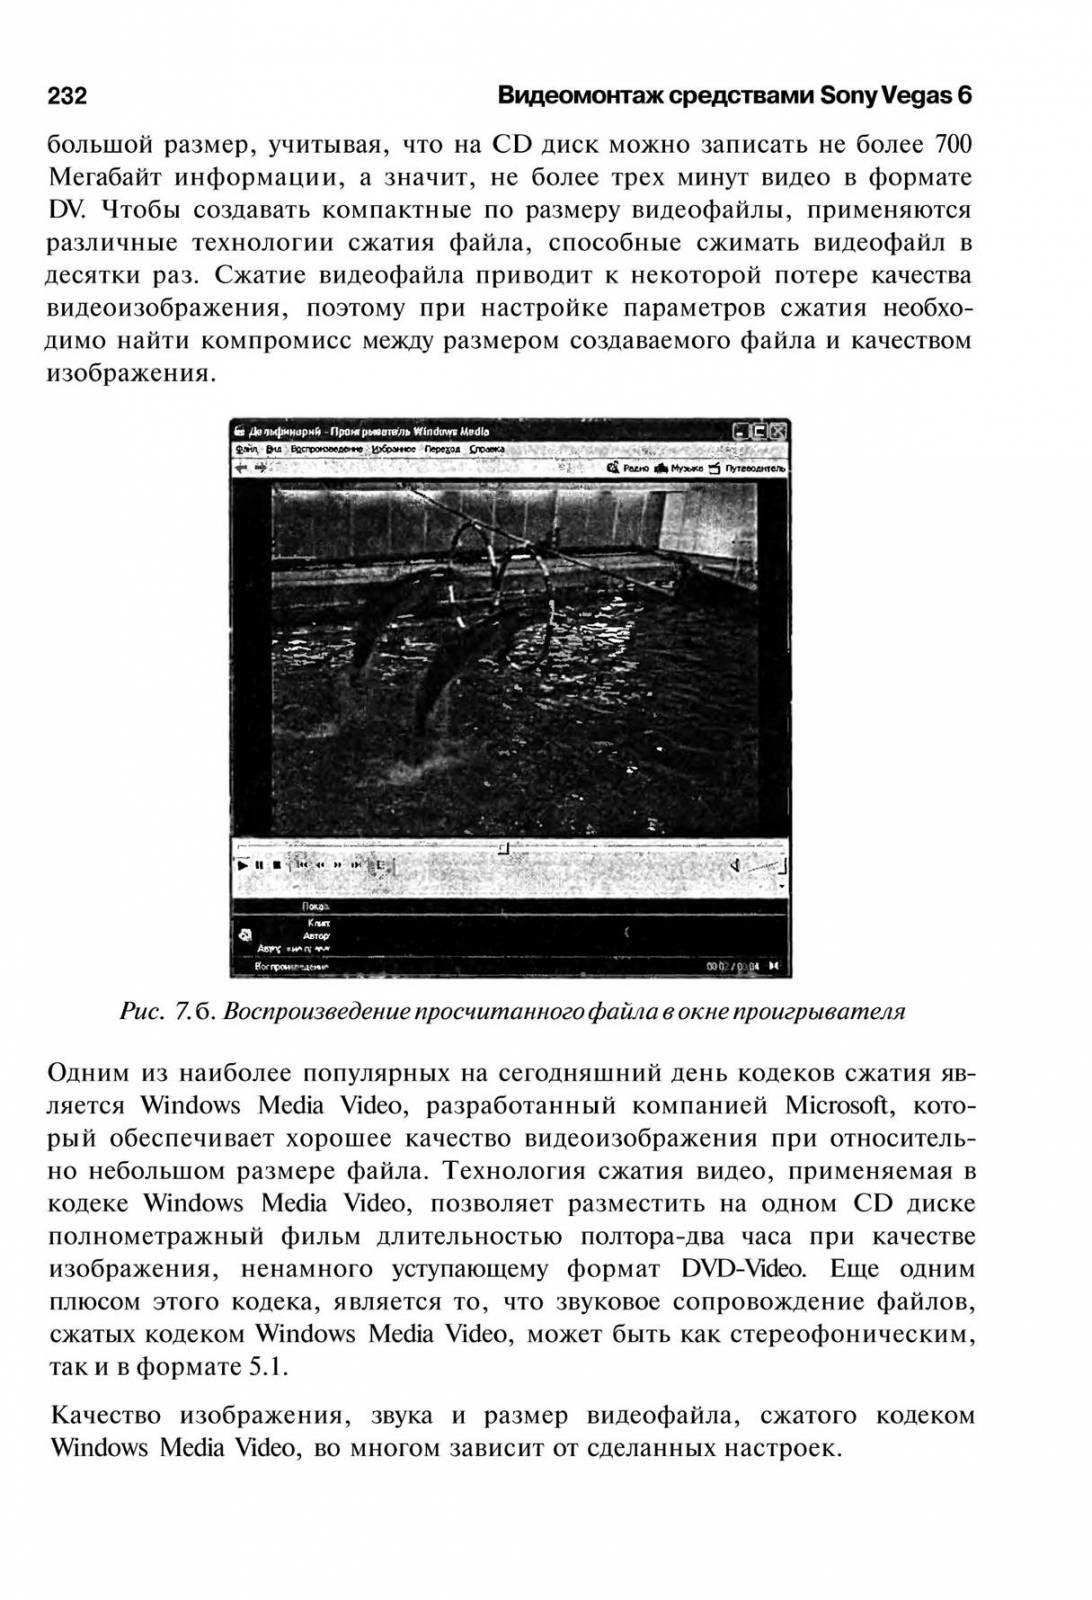 http://redaktori-uroki.3dn.ru/_ph/14/683834786.jpg